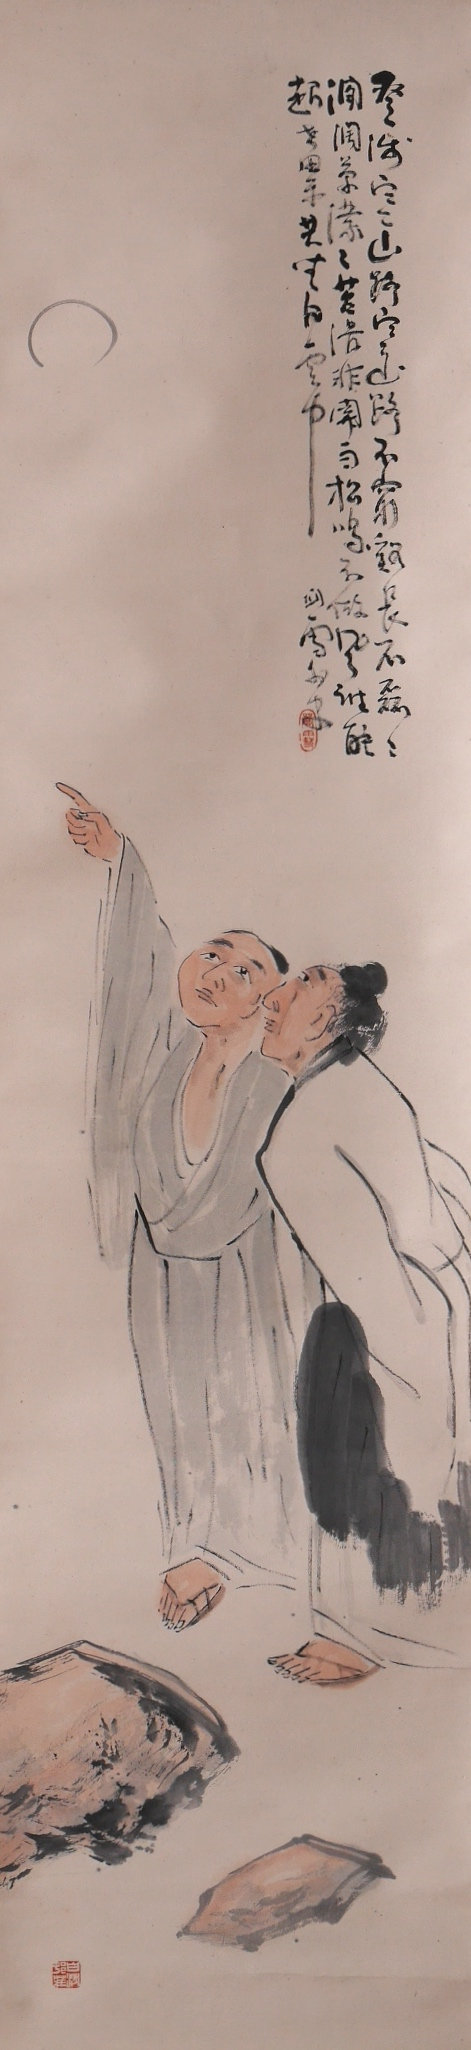 川端龍子, Ryushi Kawabata, 書画